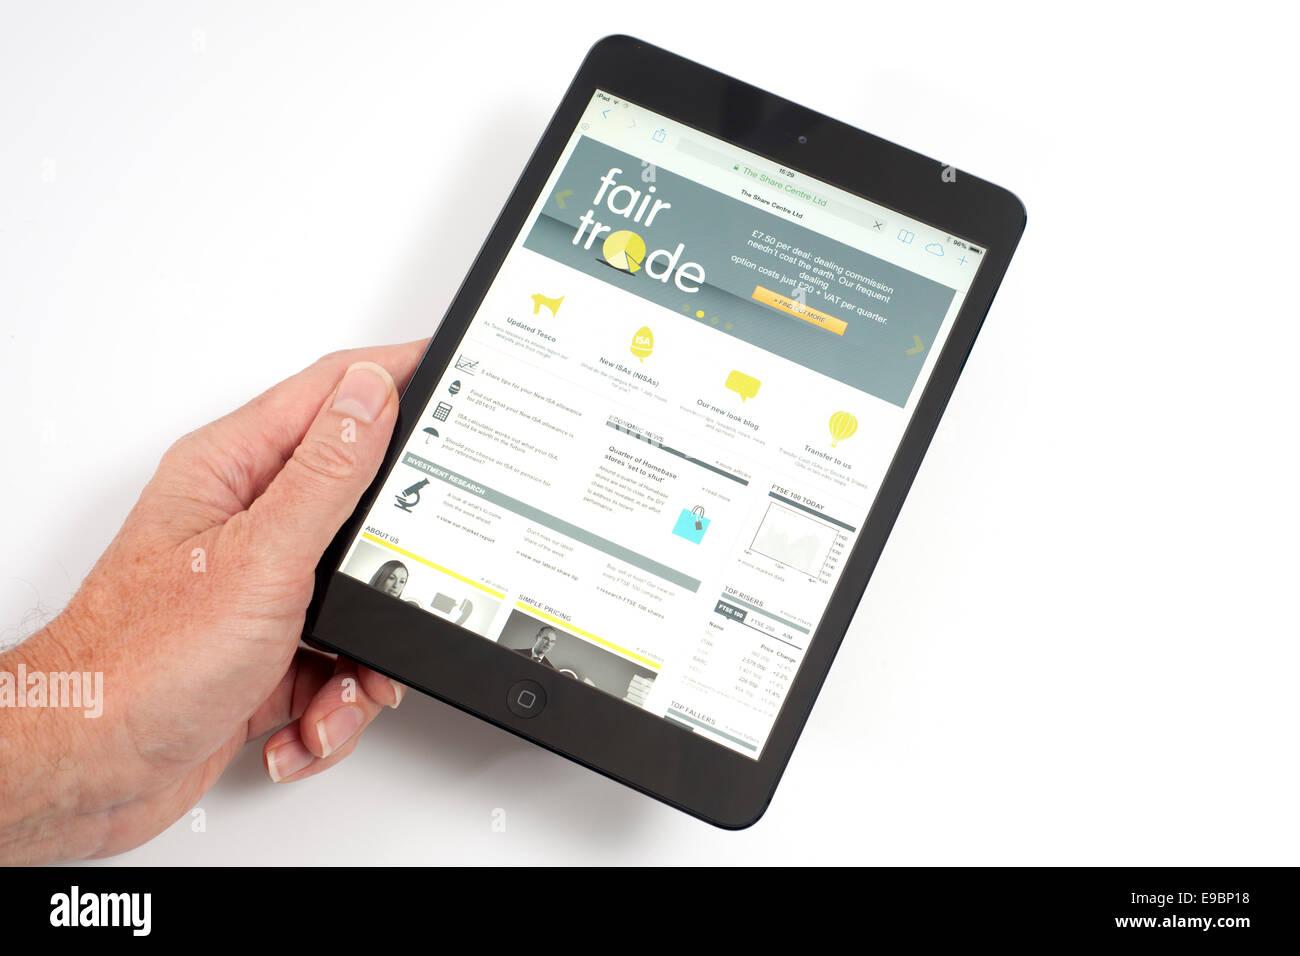 IPad mini con il commercio equo e solidale condividi trattare app sullo schermo Immagini Stock